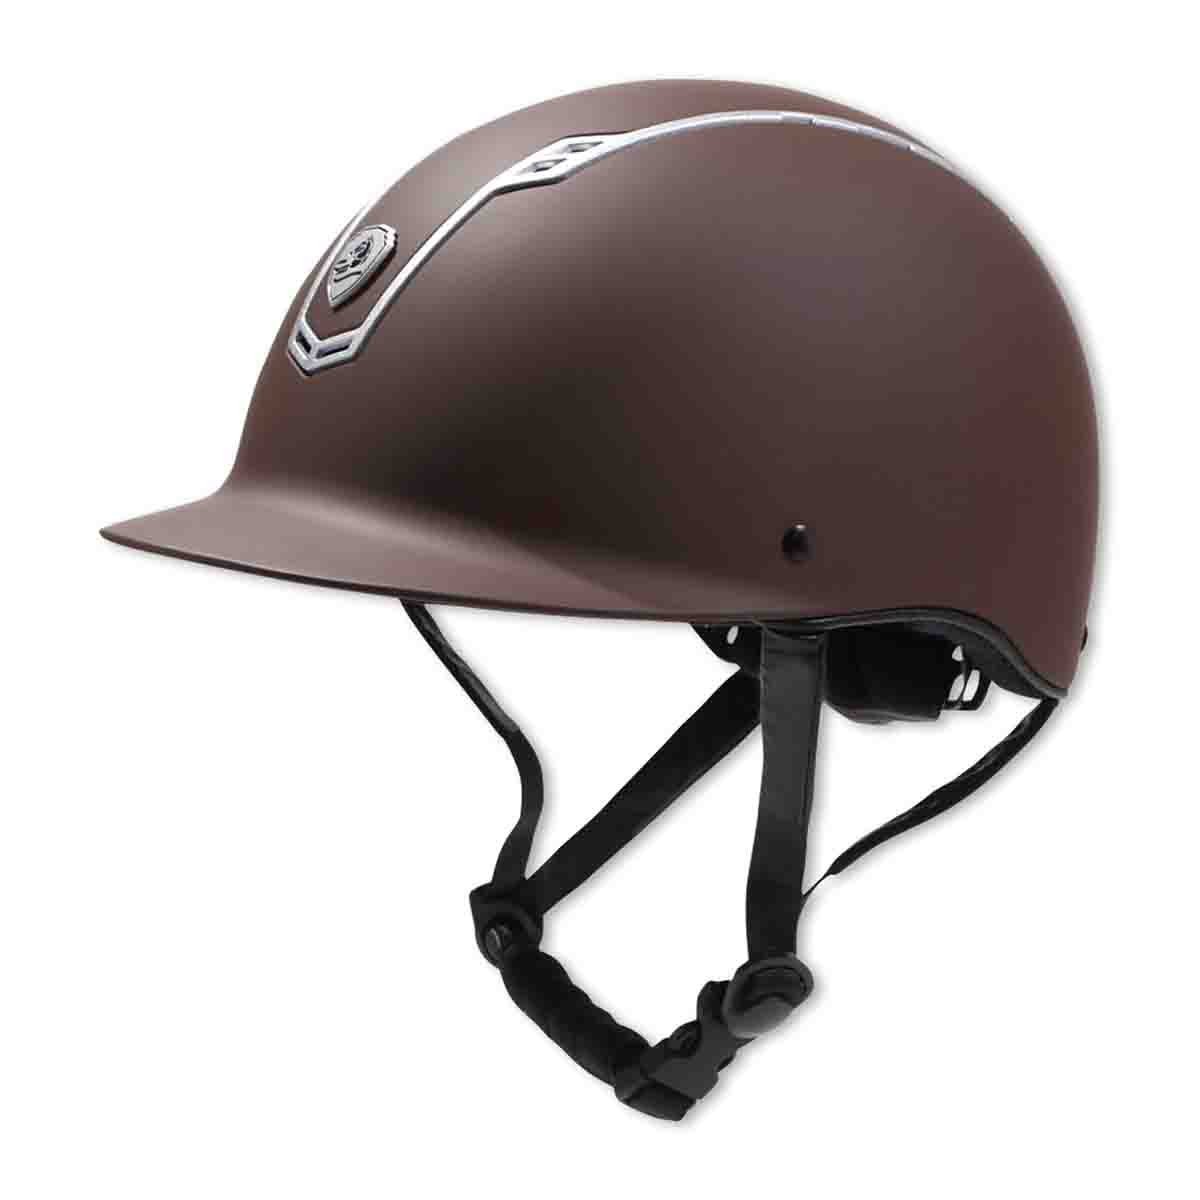 【限定品】 EQULIBERTA ソリッド ブラウン ダイヤル調整ヘルメット ソリッド B077XP6TJJ Large|ブラウン ブラウン EQULIBERTA Large, 産山村:effa12b7 --- svecha37.ru